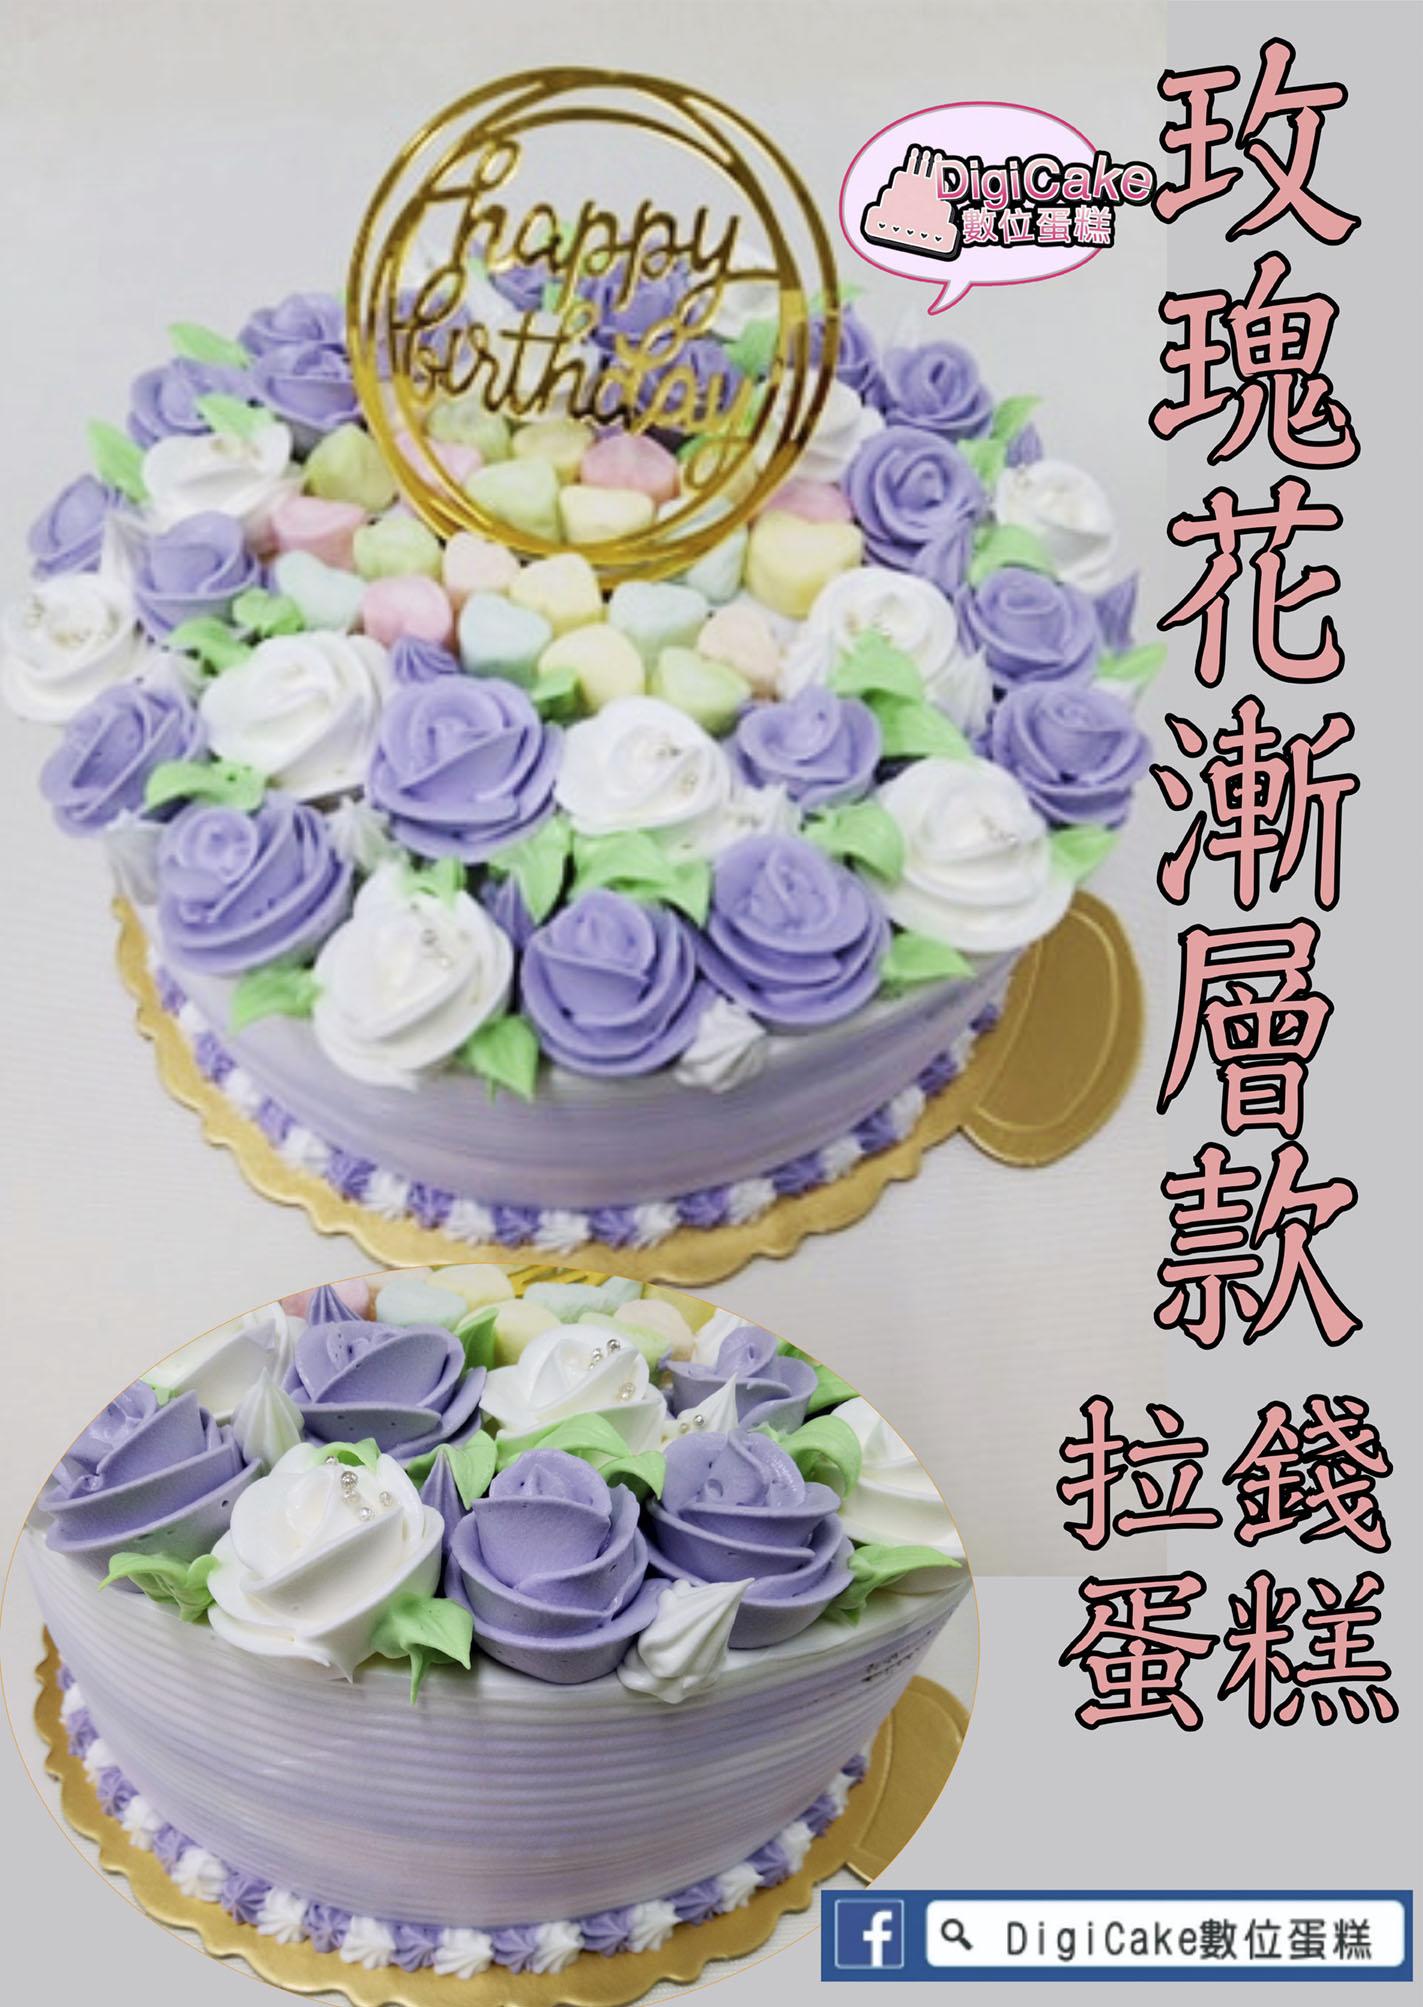 點此進入玫瑰花紫漸層款拉錢蛋糕的詳細資料!